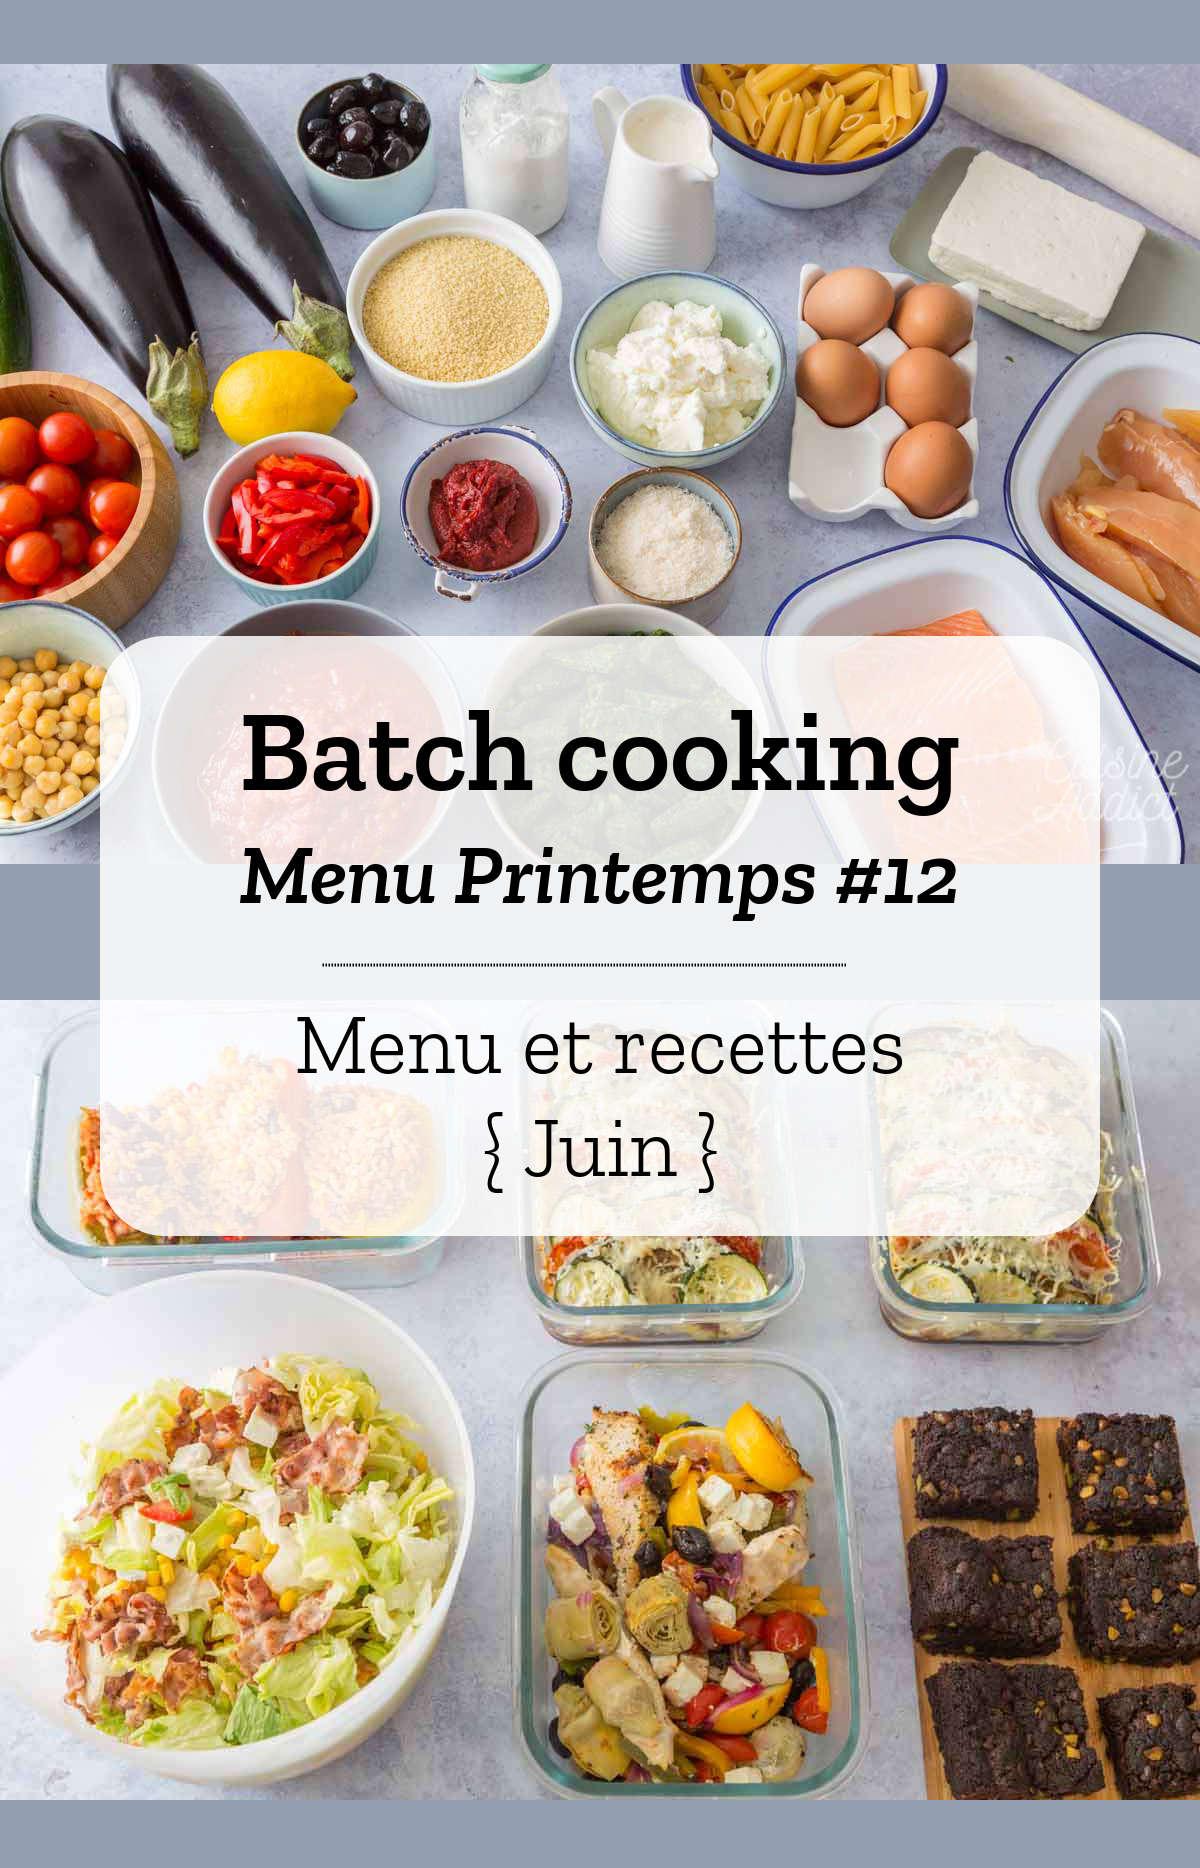 Batch cooking Printemps #12 – Semaine du 10 au 14 juin 2019